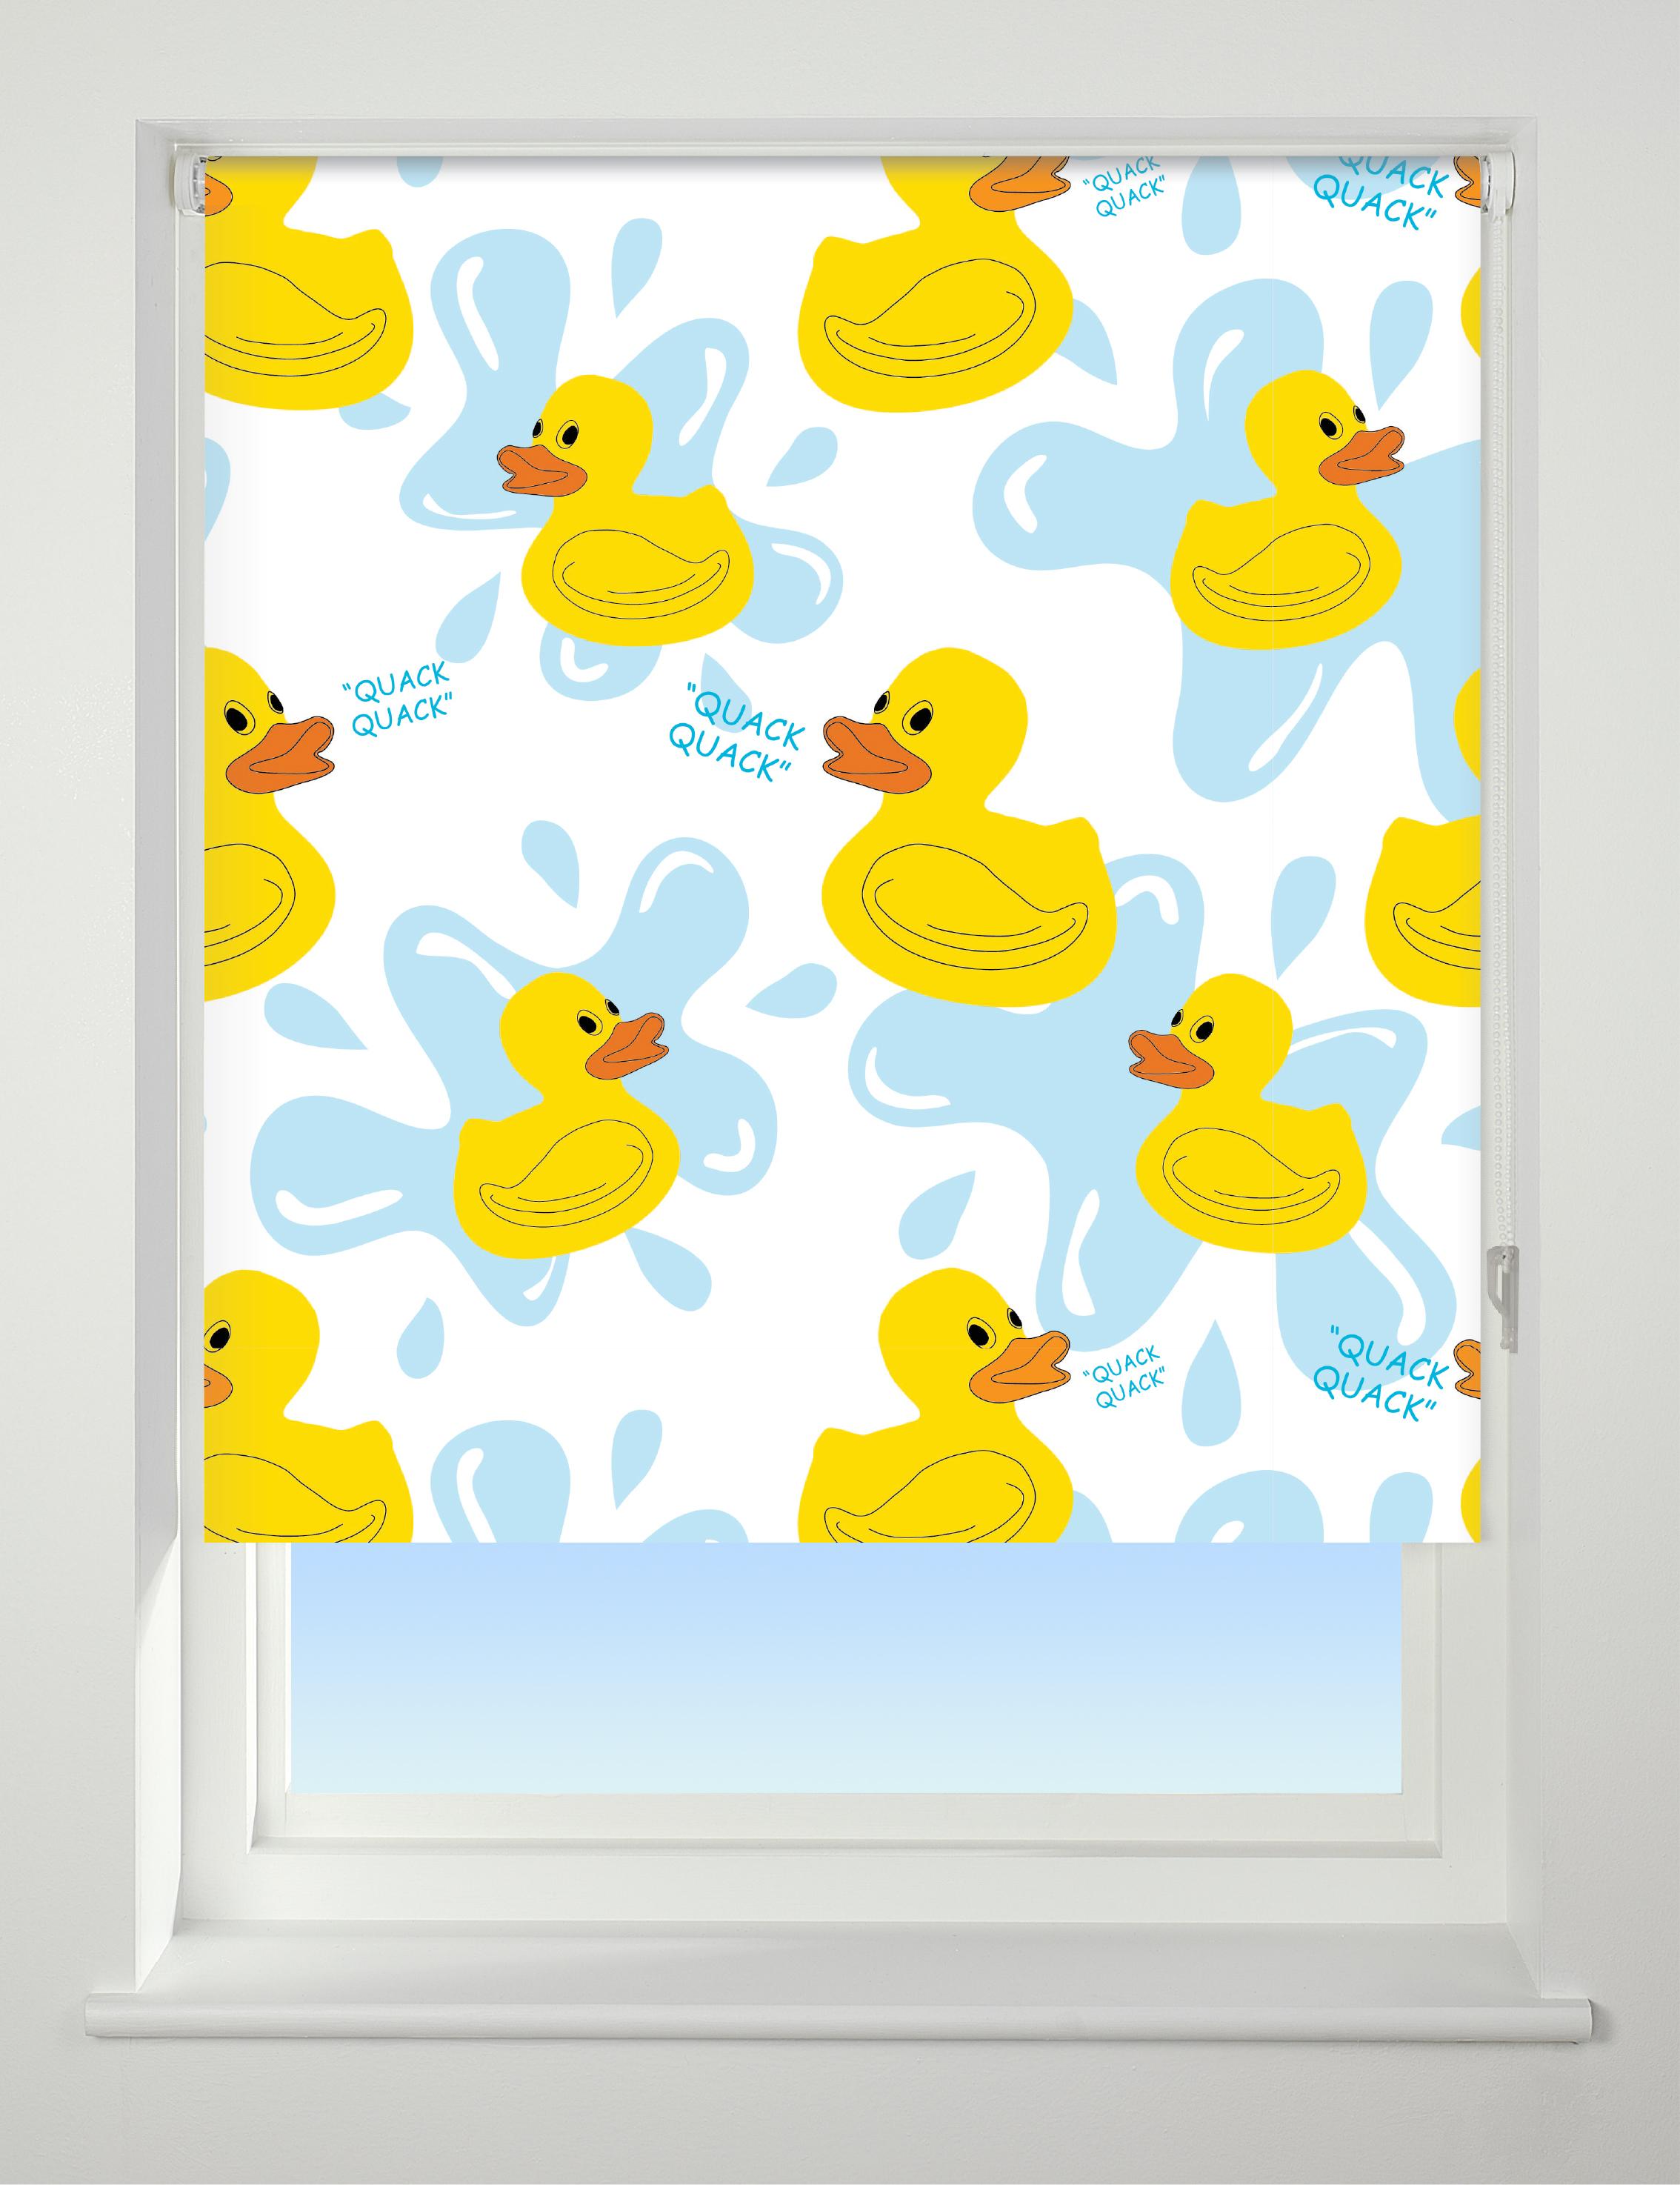 Universal Duck Blind Patterned Blackout In Window